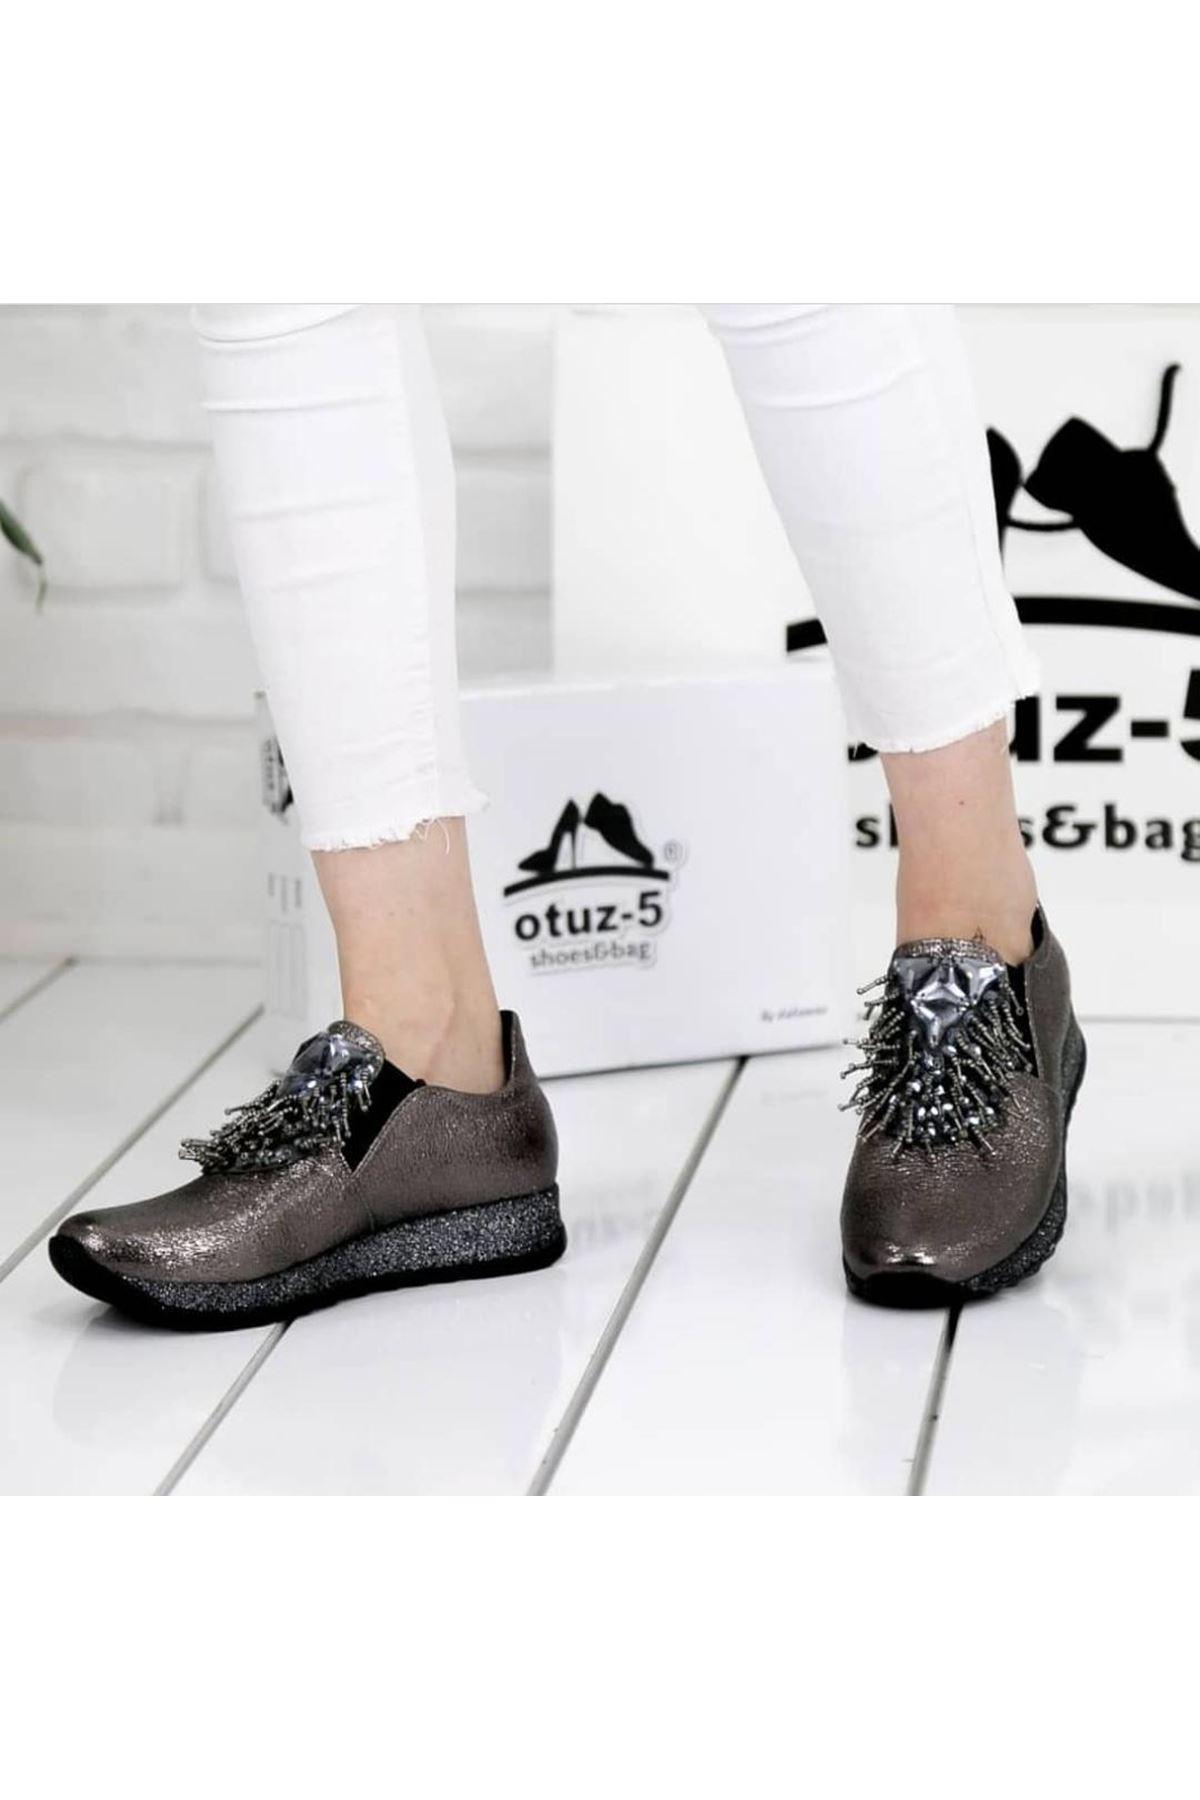 Nesso Kırışık Rugan Taş Detay Bayan Ayakkabı Platin